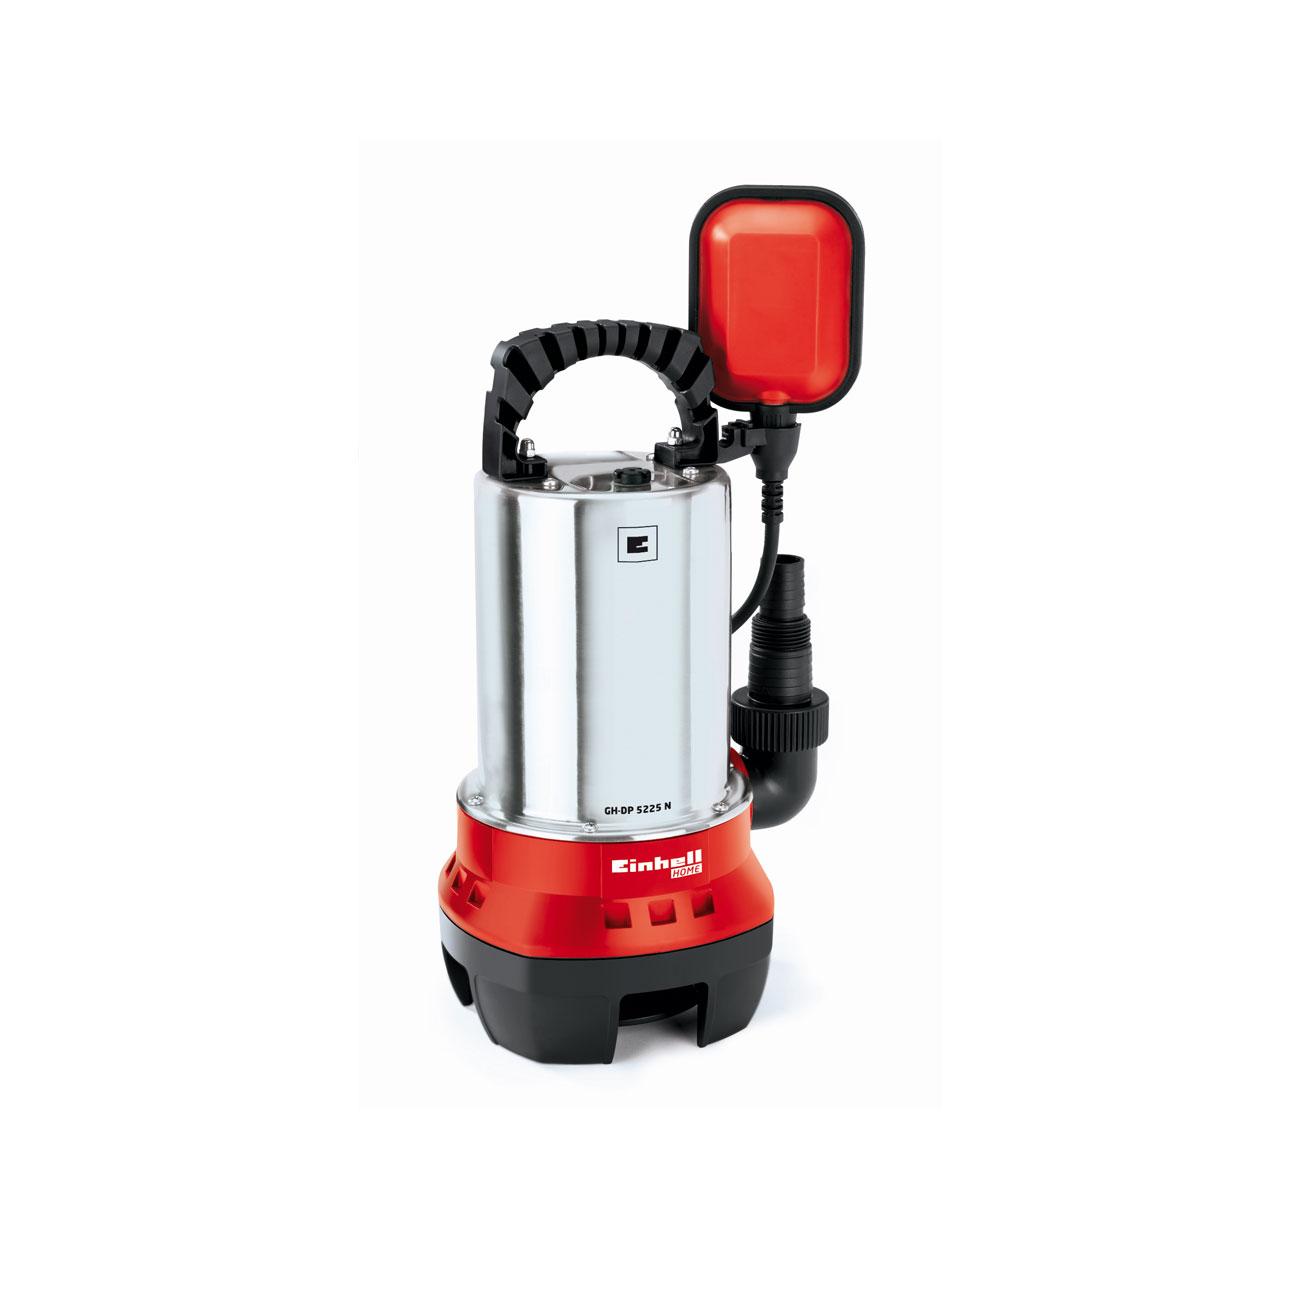 Einhell GH-DP 5225 N Submersible Dirty Water Pump